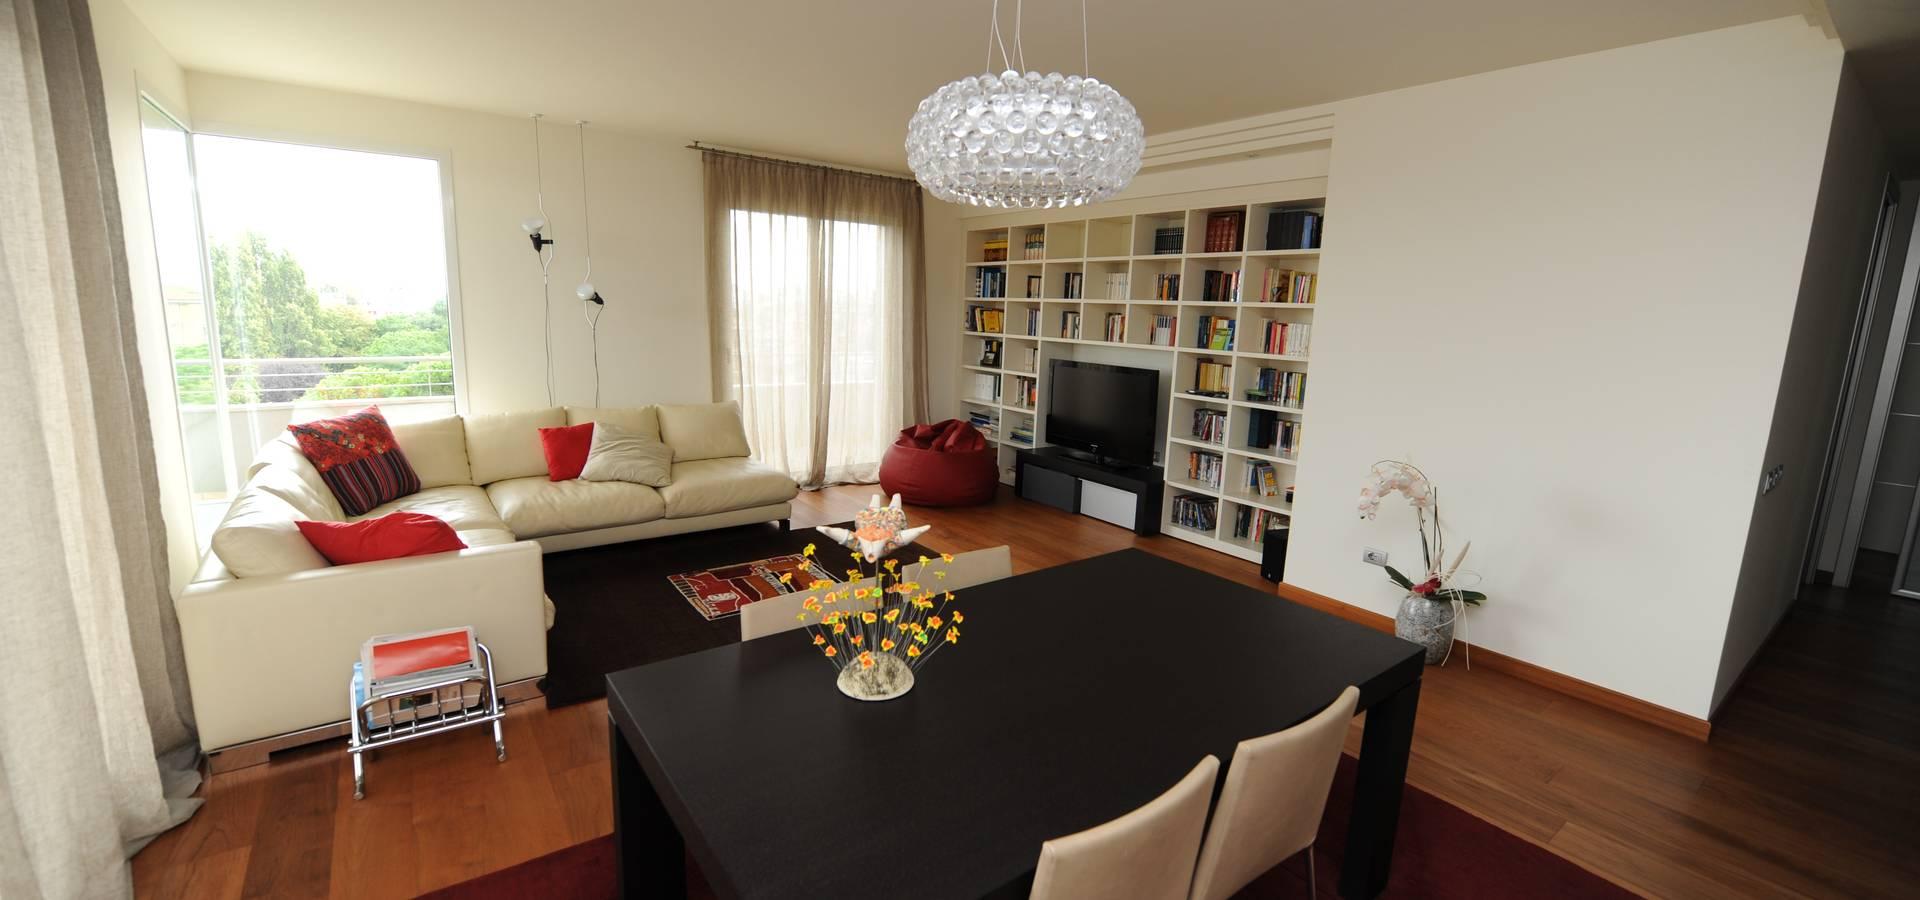 Affordable studio di e duinterni with architetto d interni for Architetto di interni roma